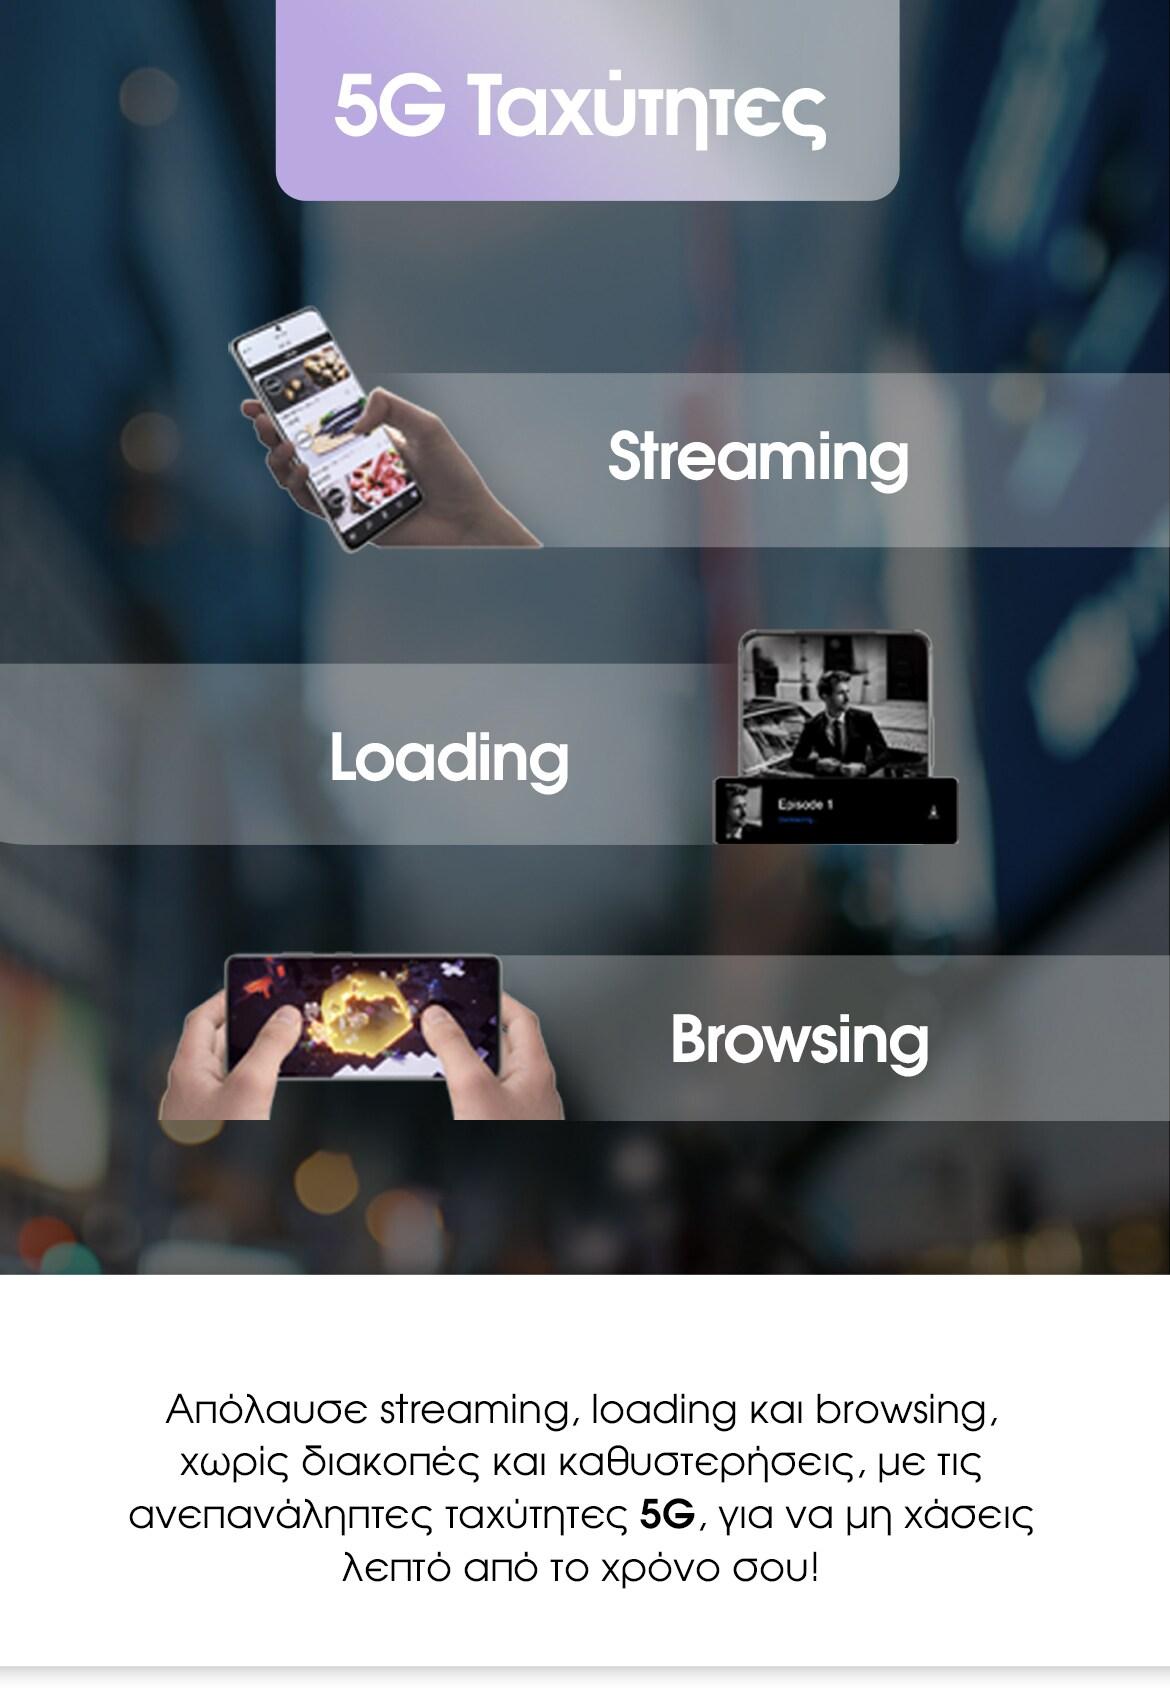 Samsung Galaxy S21 | 5G Ταχύτητες